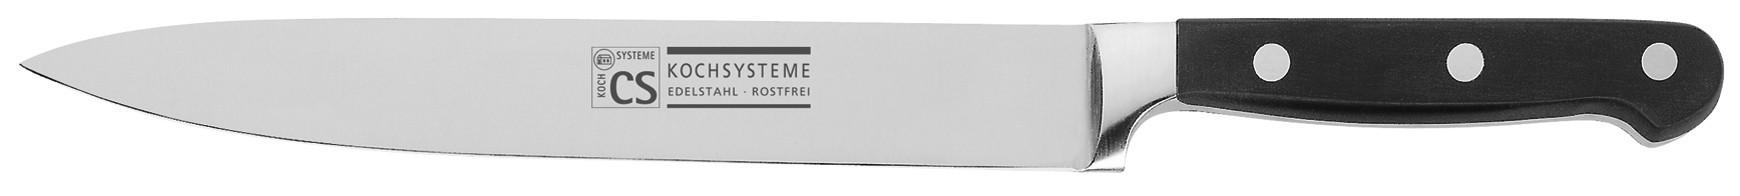 PREMIUM Fleischmesser 20 cm